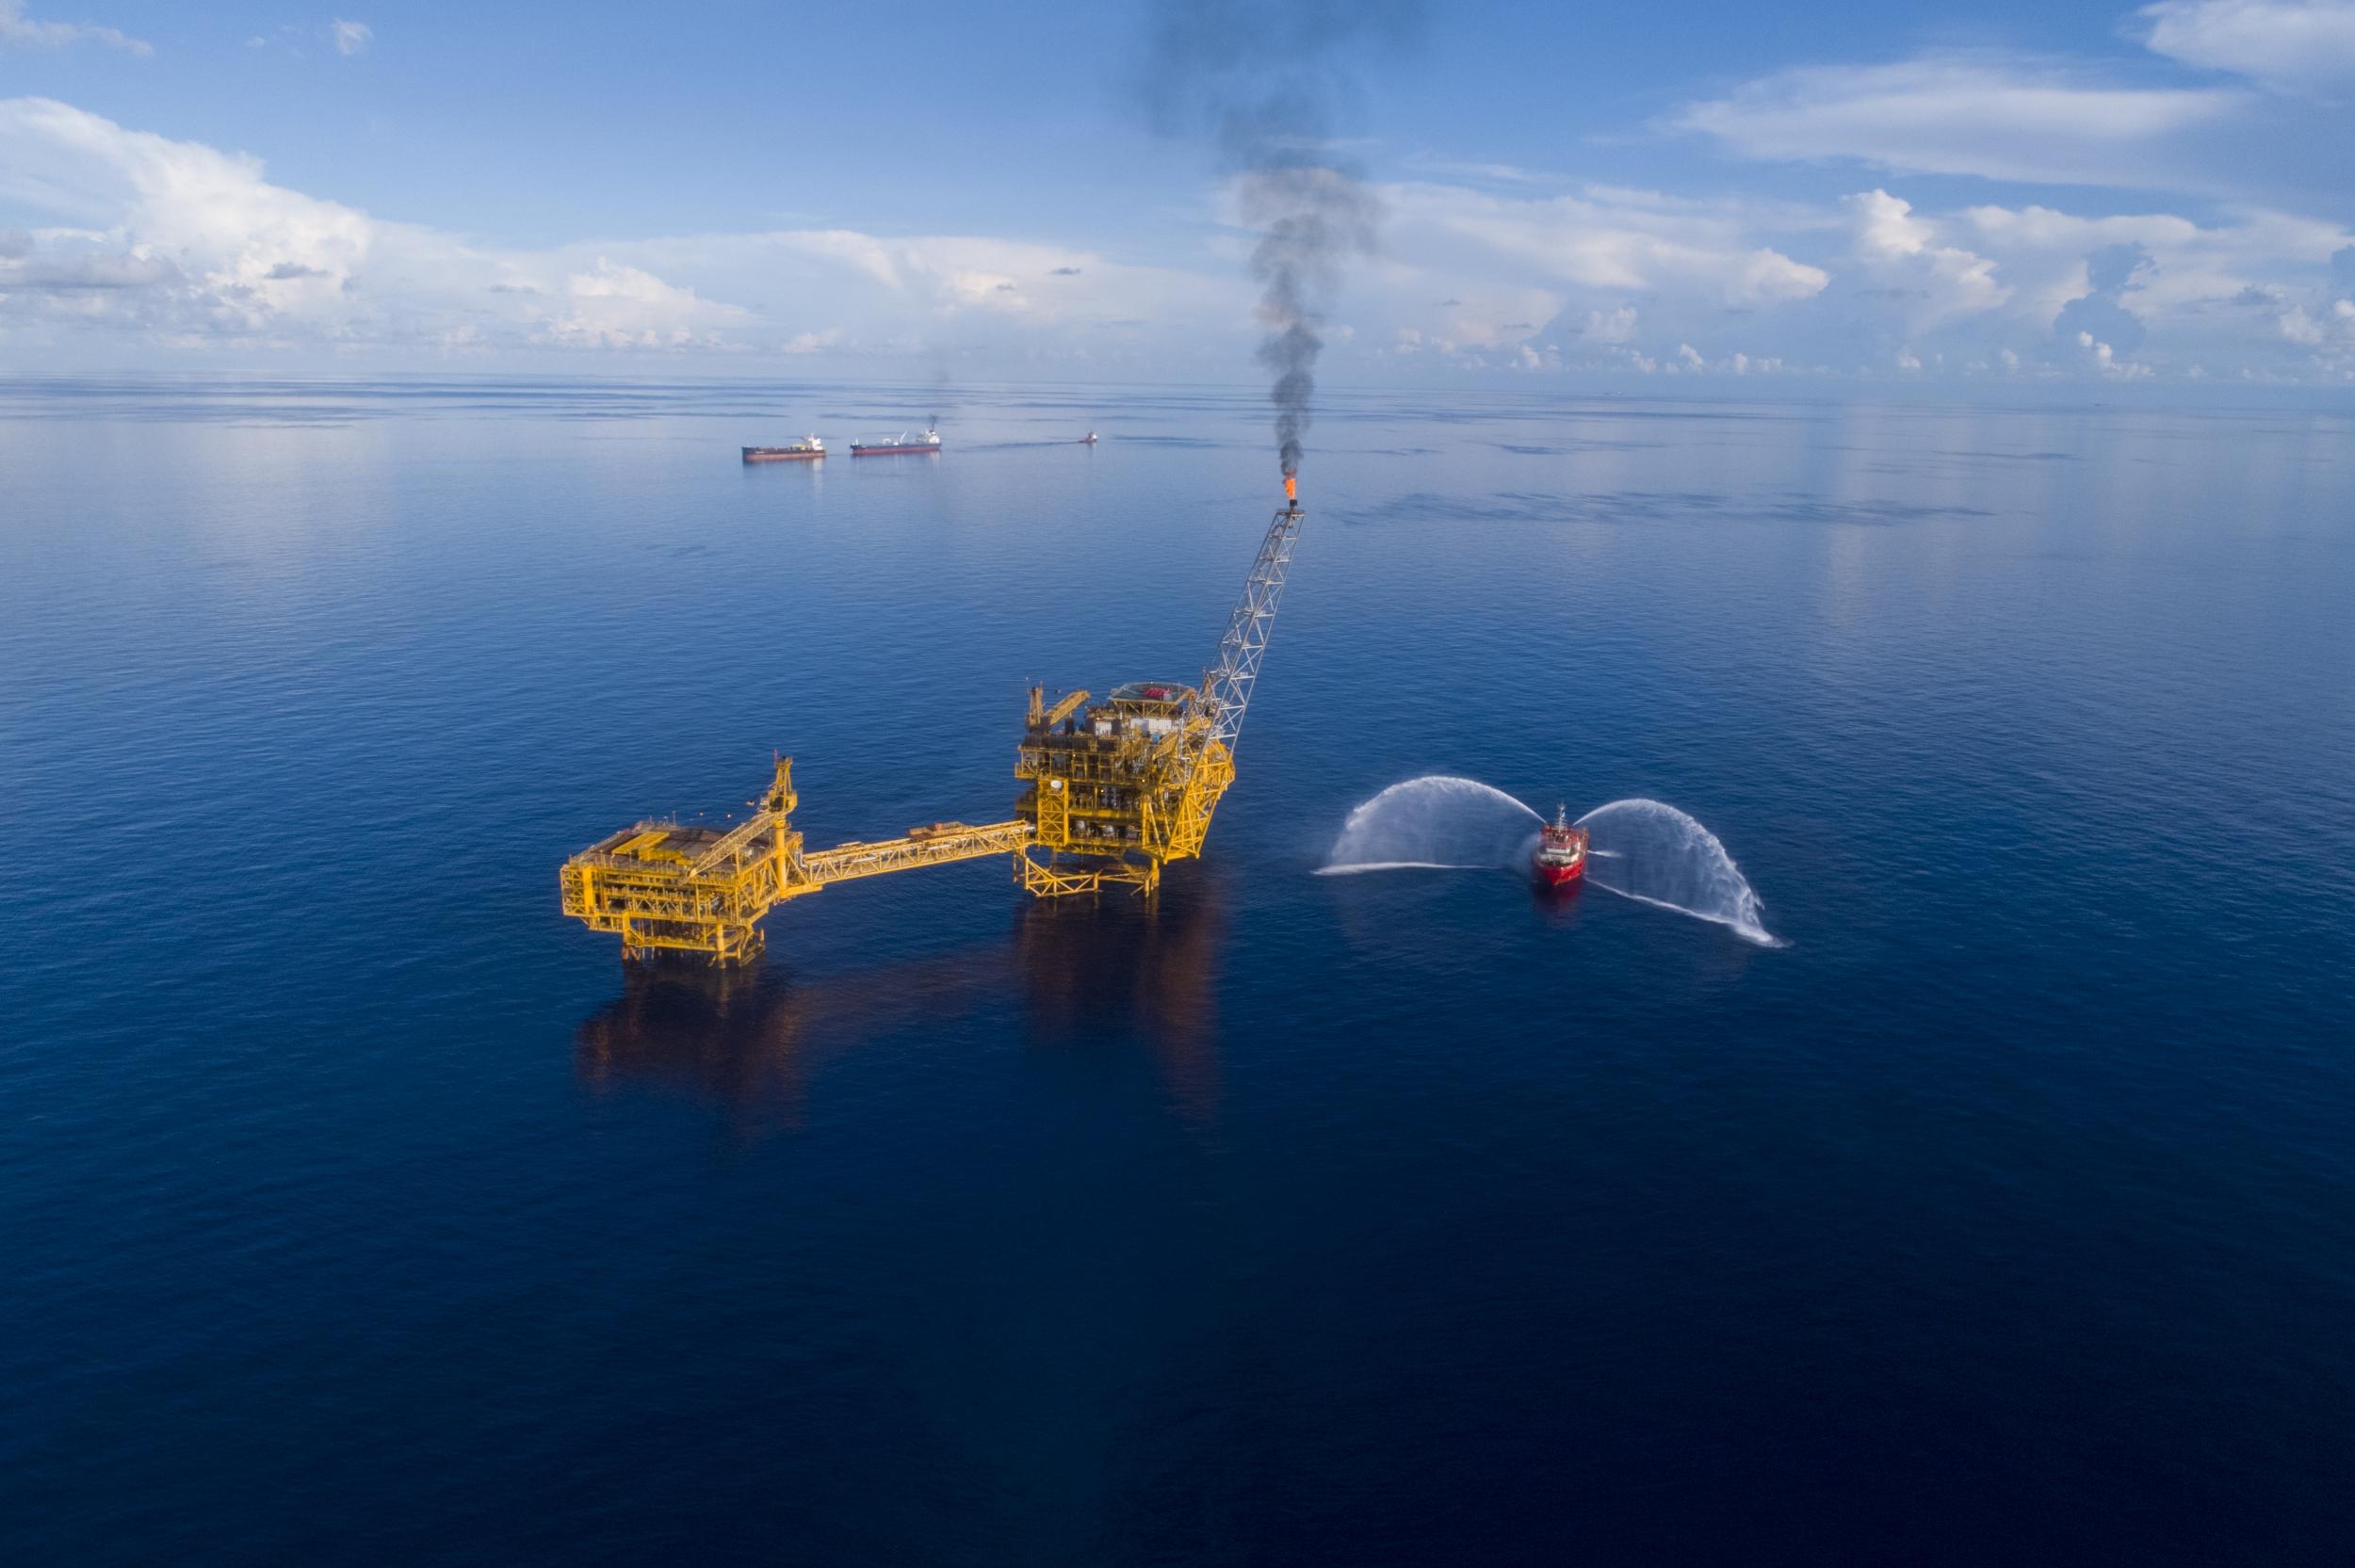 Petrovietnam tiên phong trong bảo vệ môi trường trên các công trình dầu khí biển